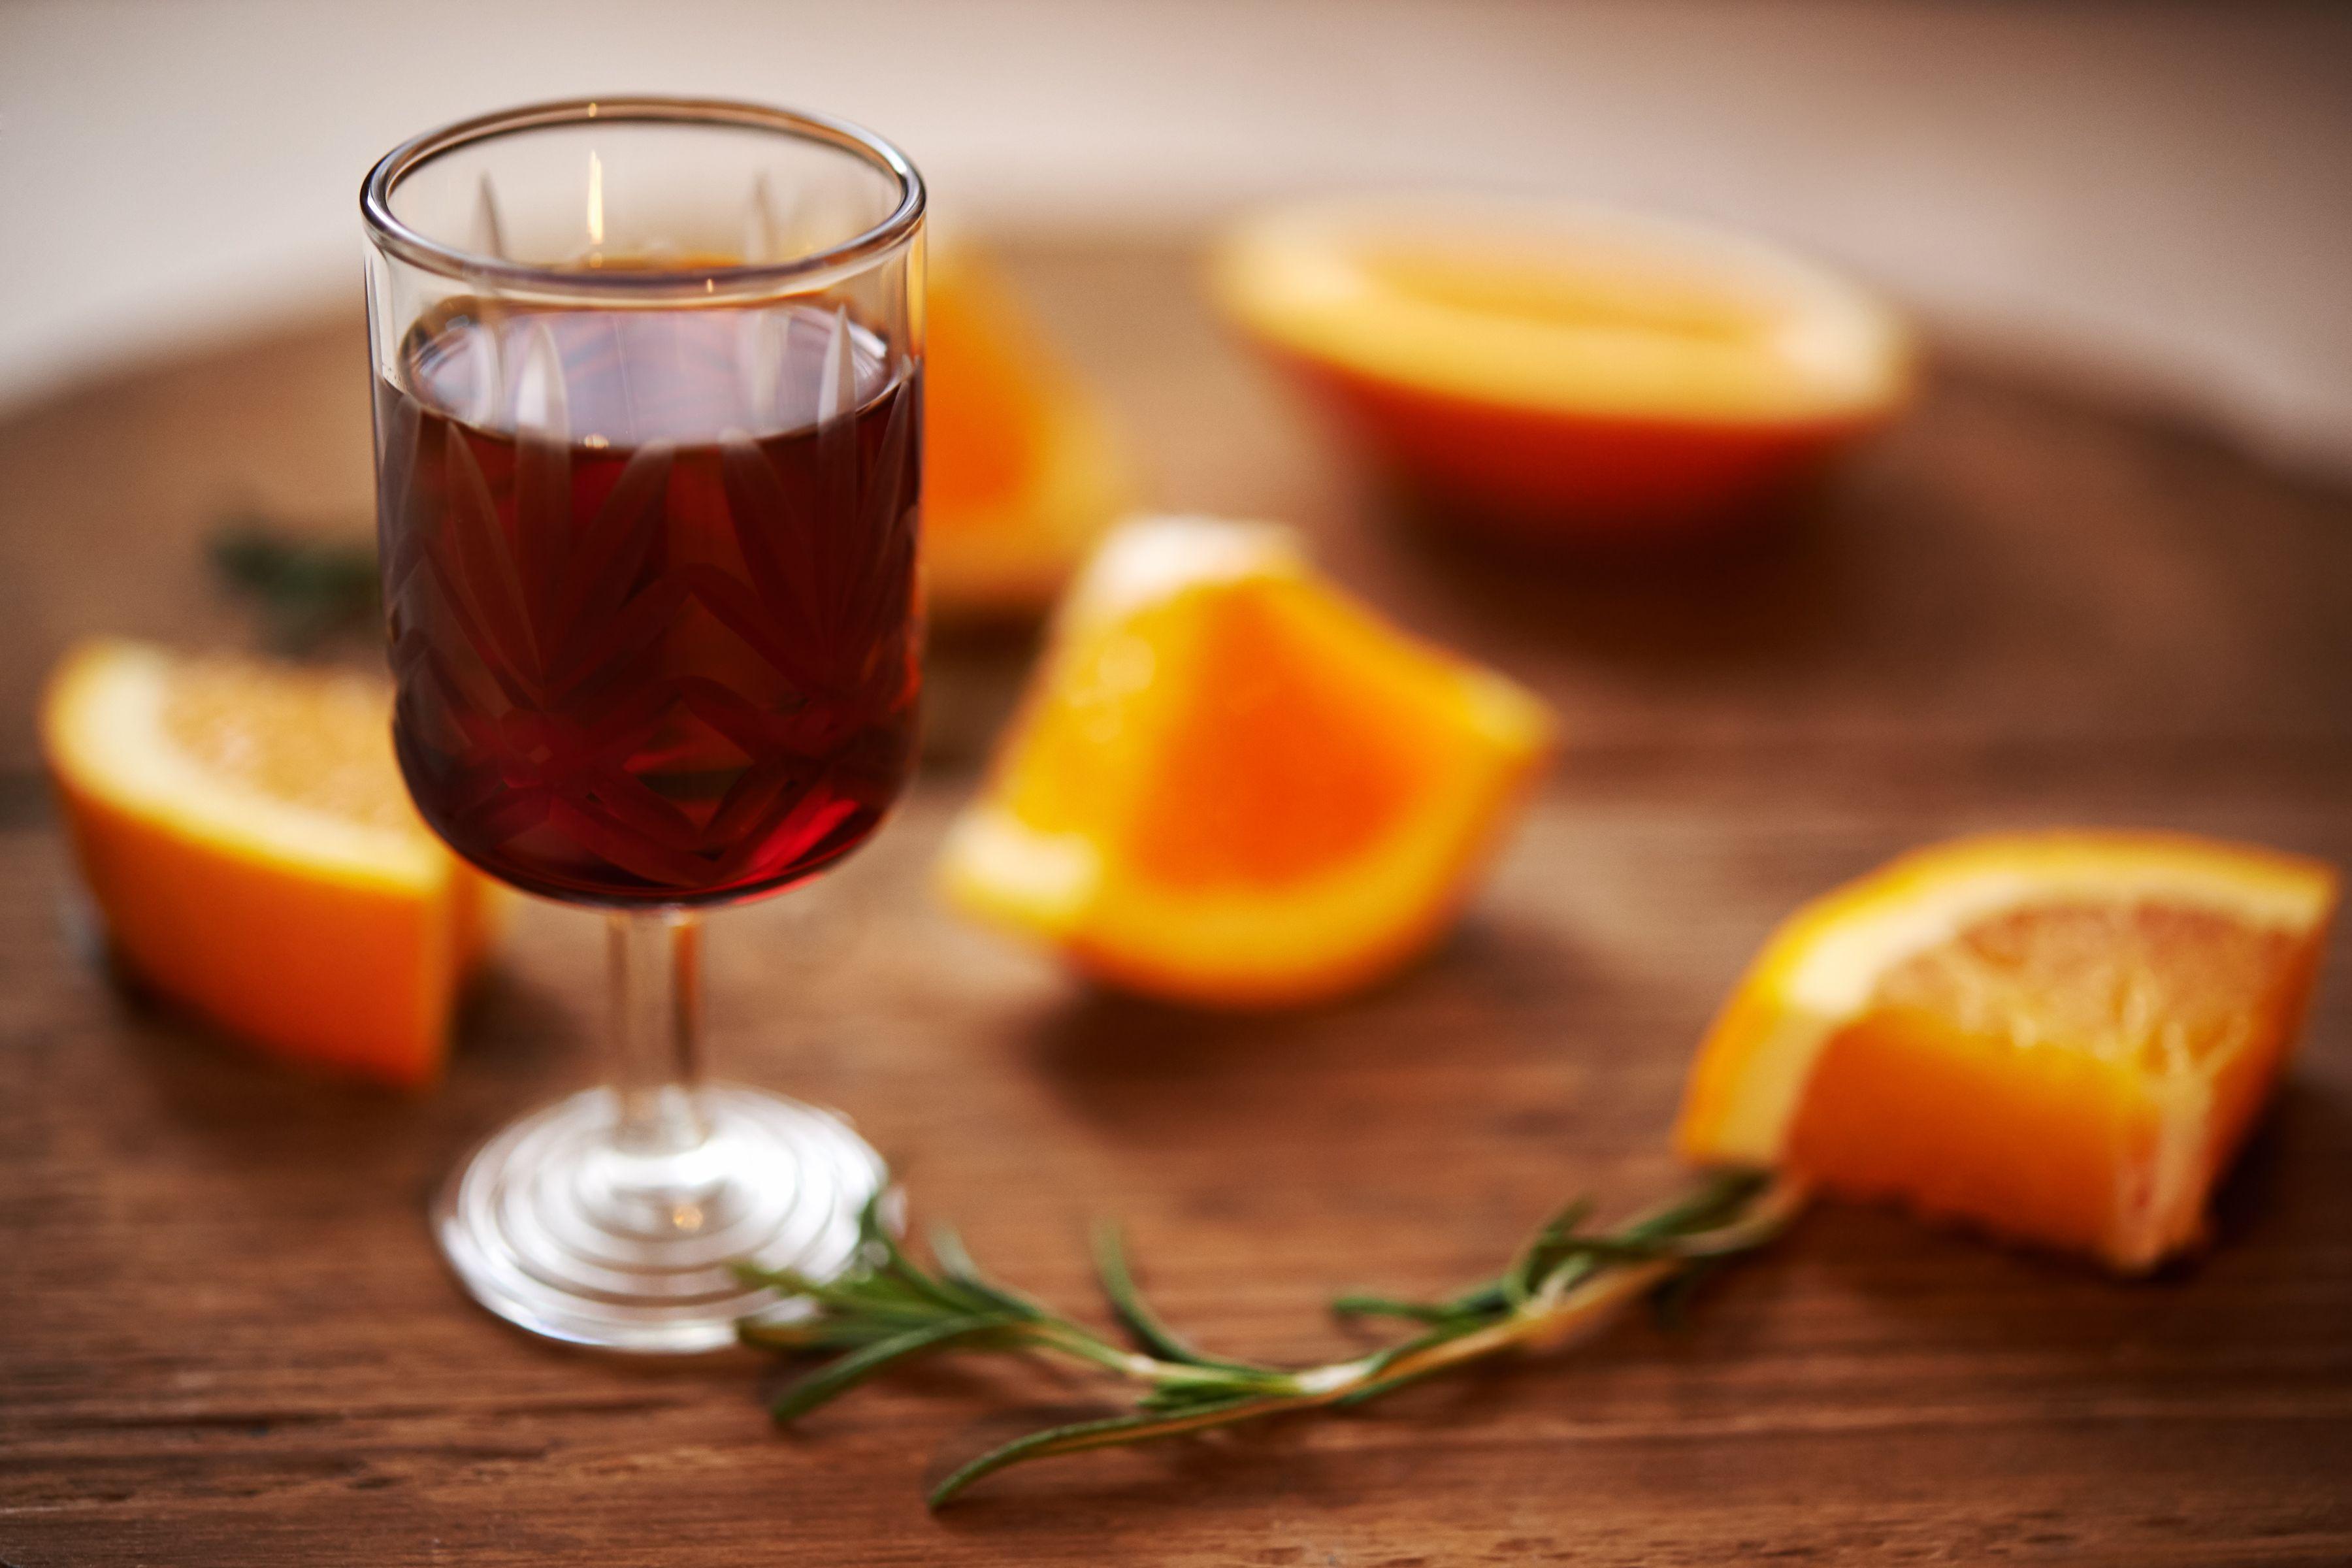 質 スパークリング ワイン 糖